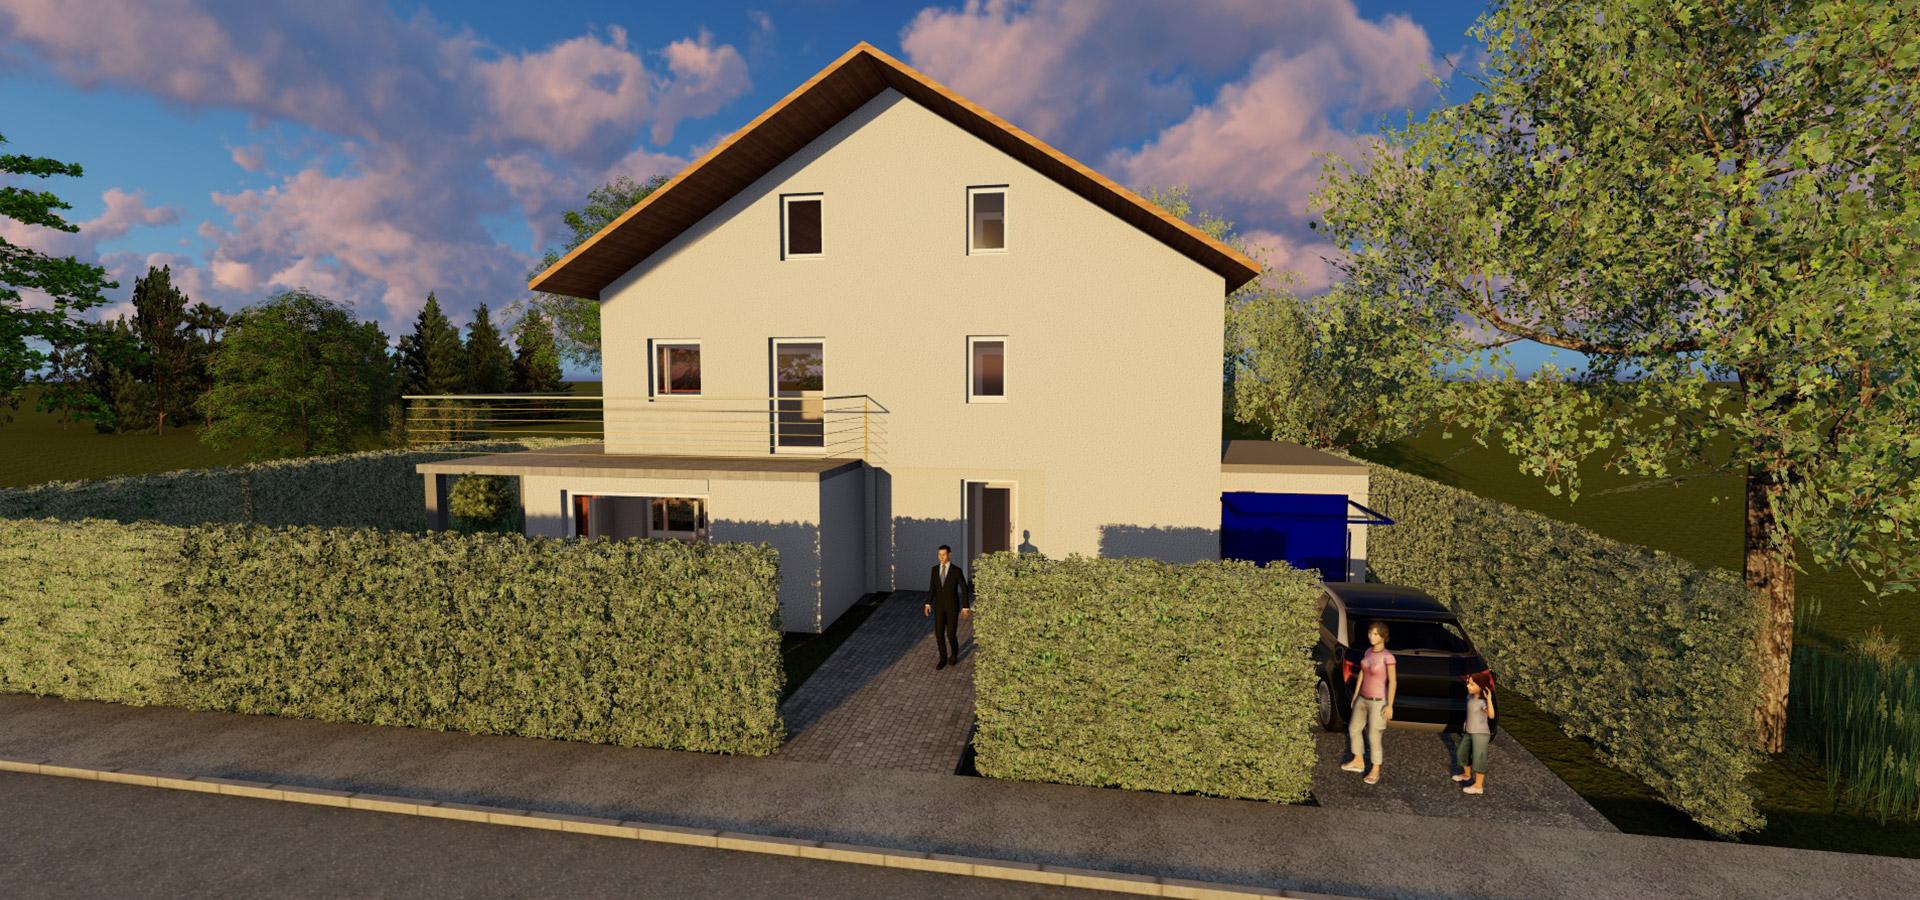 Architekturvisualisierung-1